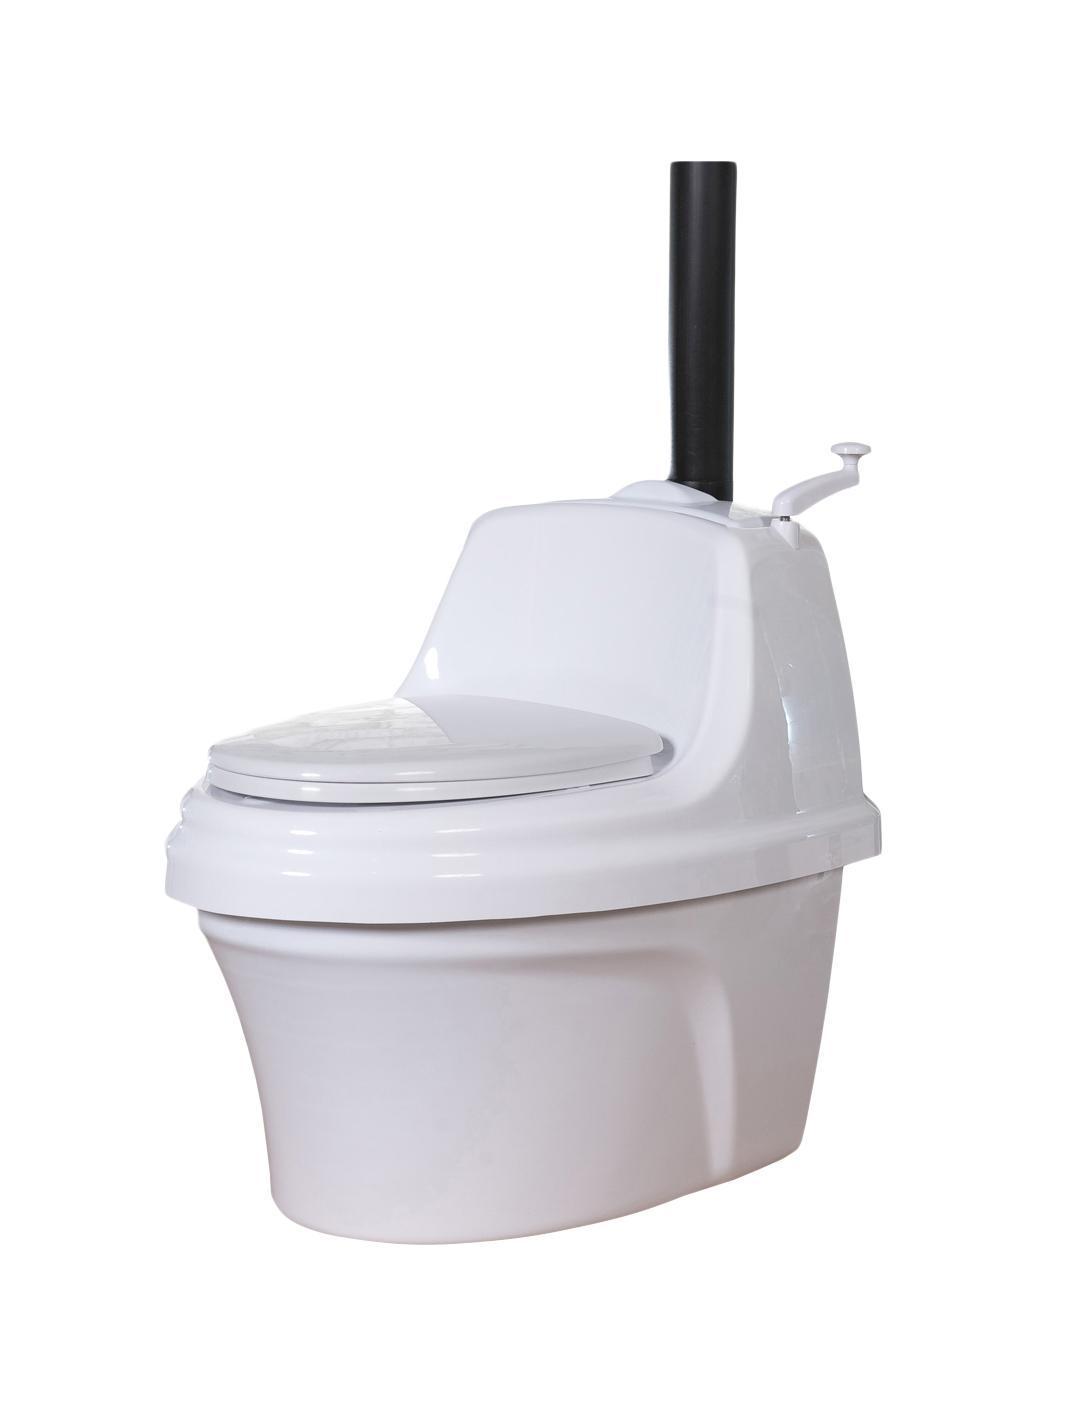 Биотуалет Piteco 200200Торфяной биотуалет Piteco - это автономный компостирующий туалет, которому не требуется подсоединения к системе канализации и водоснабжения. Конструкция биотуалета разработана с целью создания максимально благоприятных условий для компостирования органических отходов.Изготовлен из сантехнического пластика (акрила), оснащен дренажной системой с фильтроэлементом.